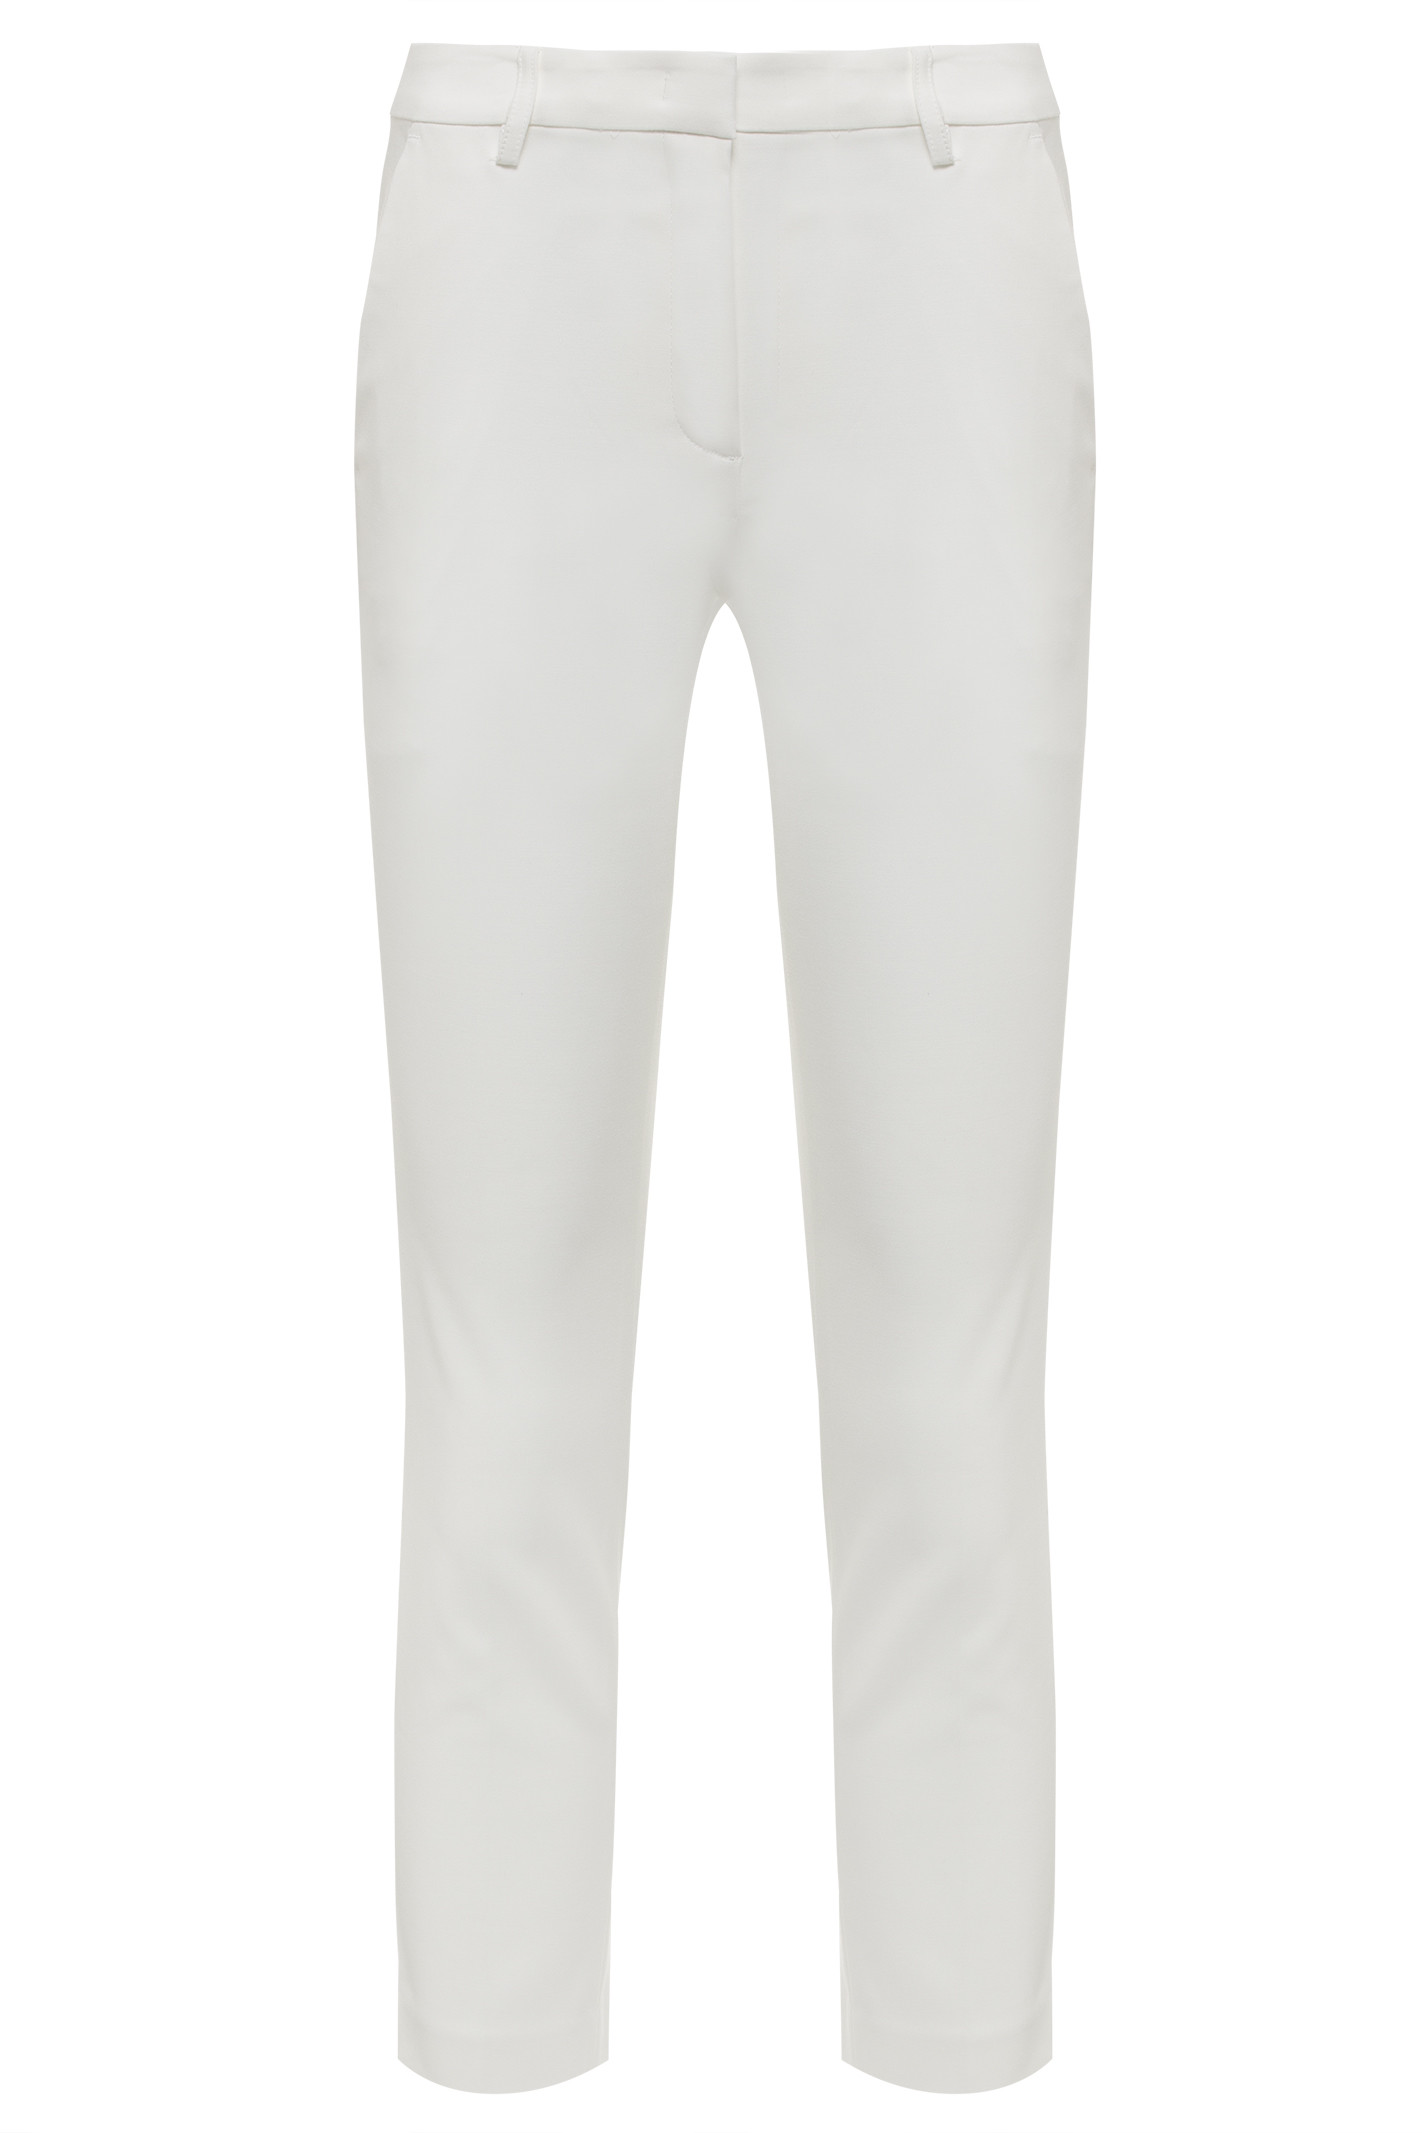 Calça De Tecido Plano - Off White